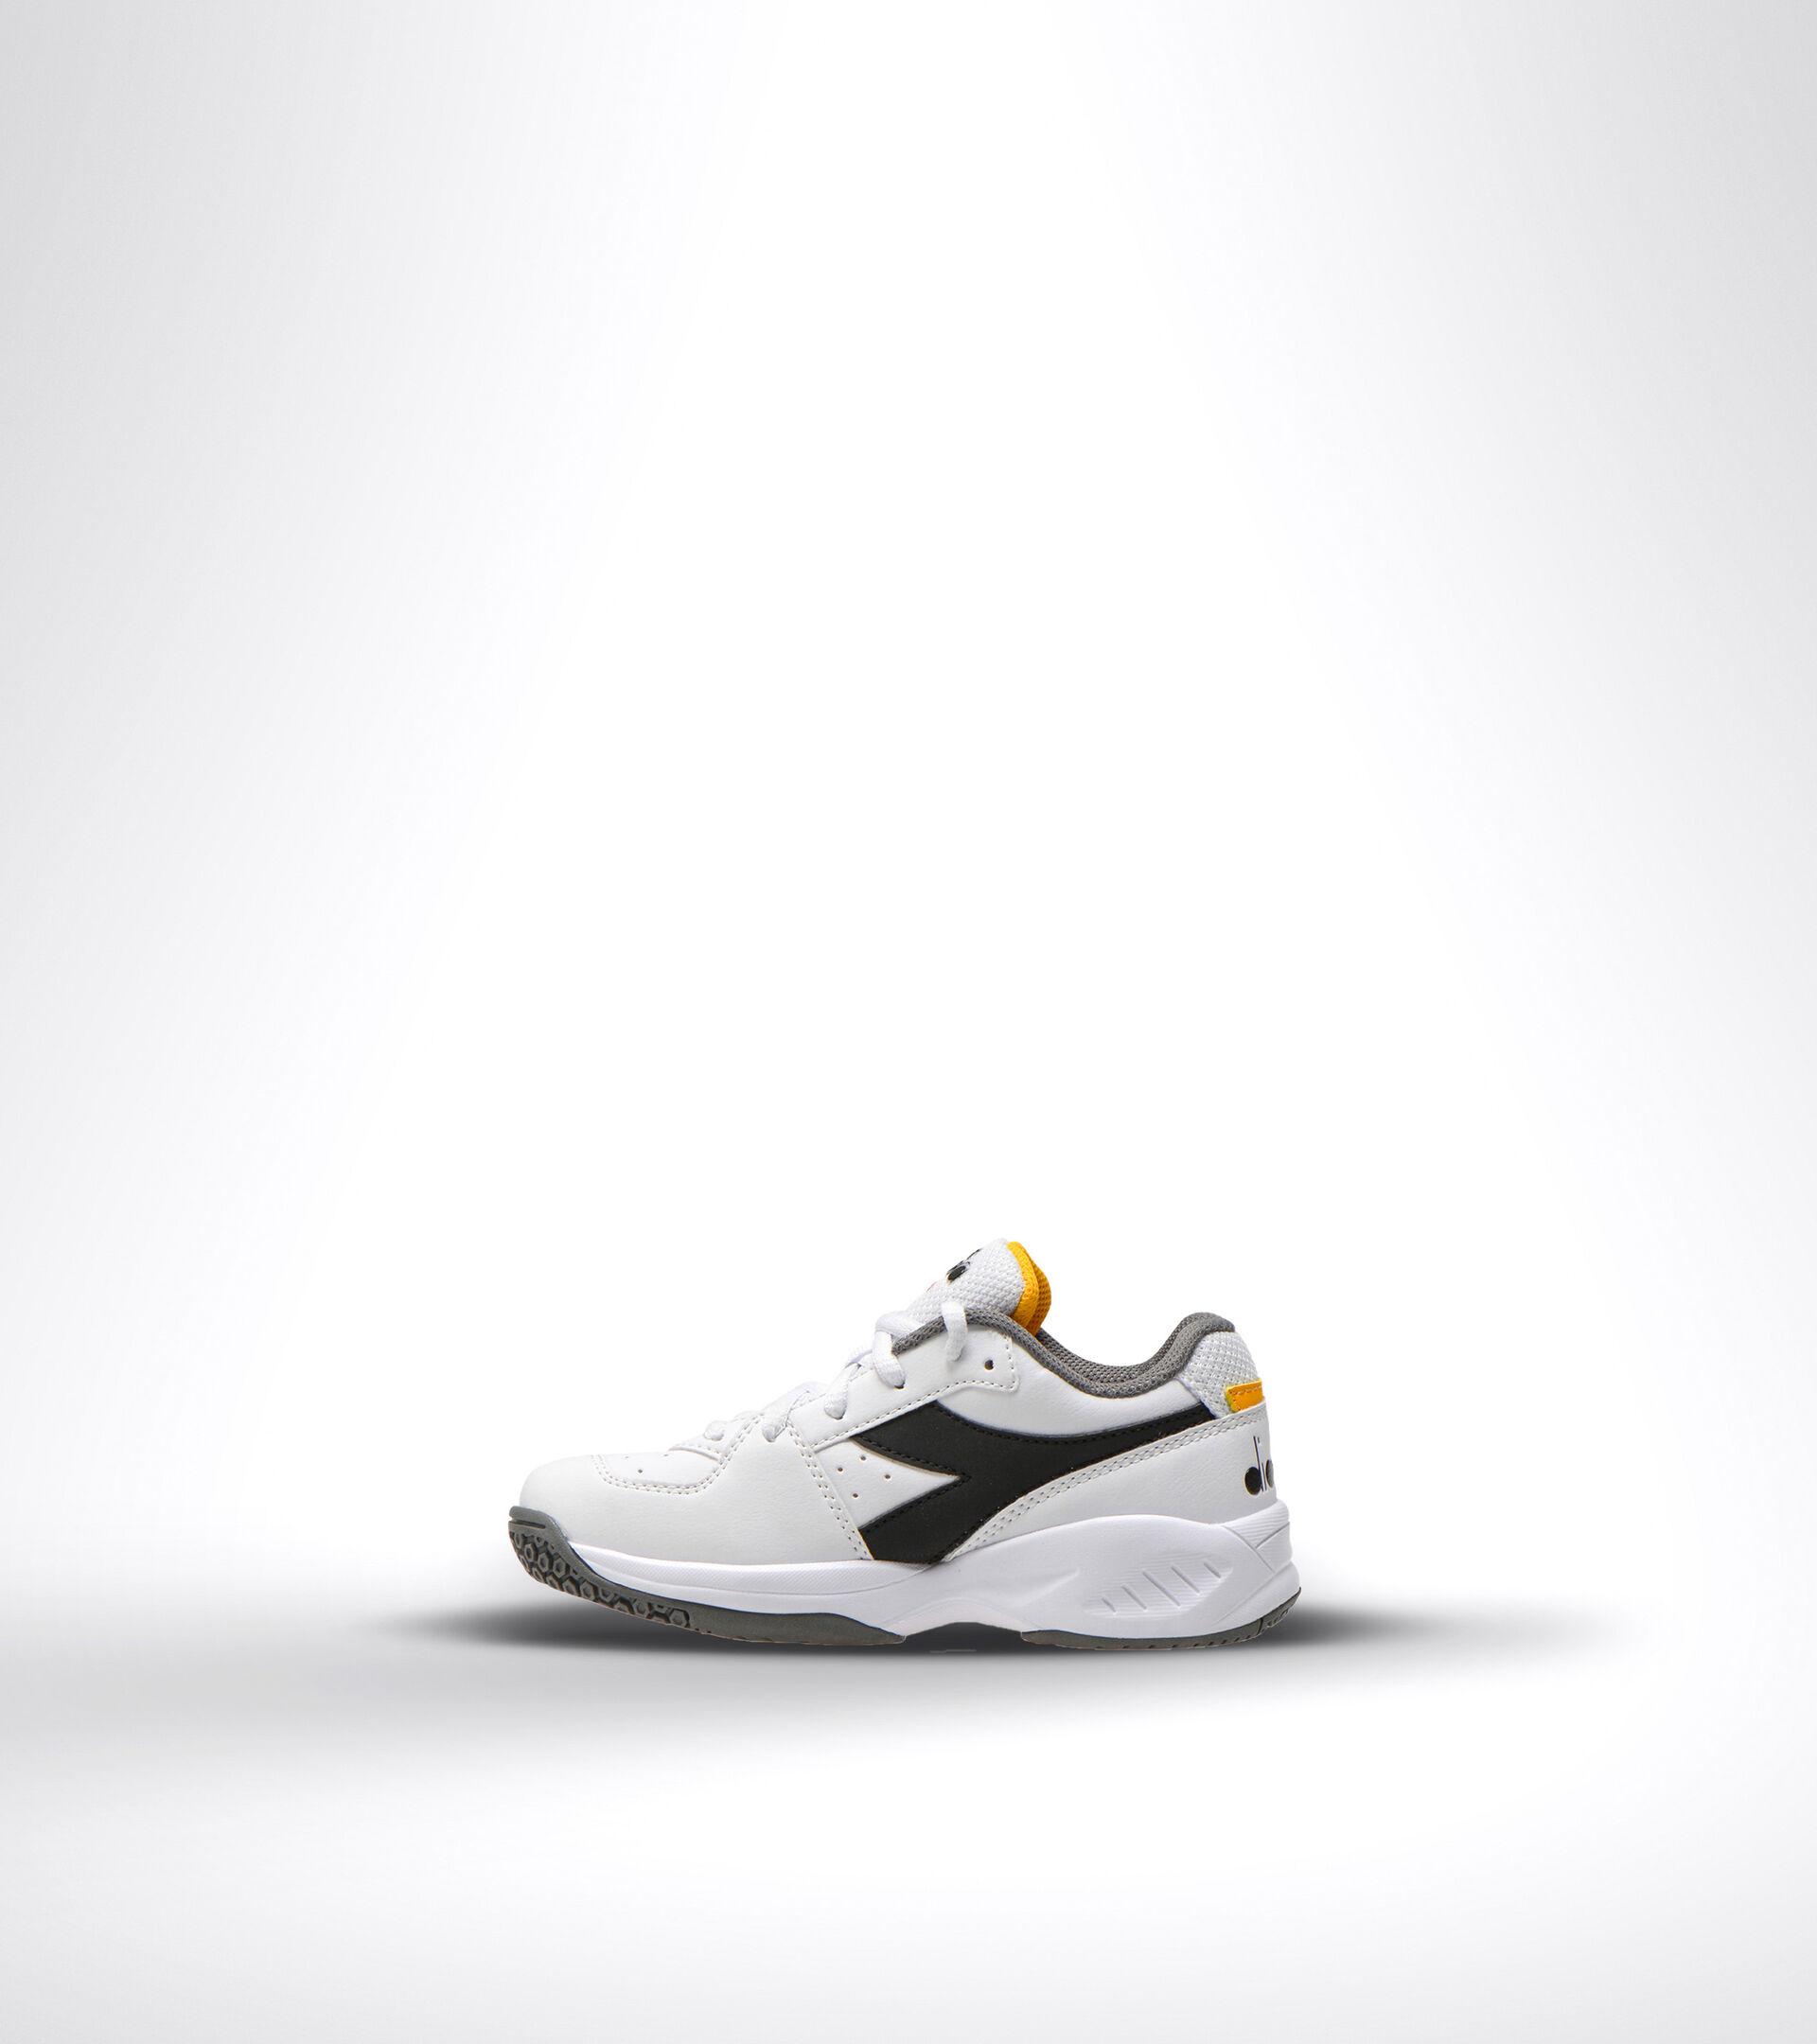 Chaussures de tennis pour terrains durs et terre battue - Unisexe Enfant S. CHALLENGE 3 SL JR BLANC/NOIR/SAFRAN - Diadora